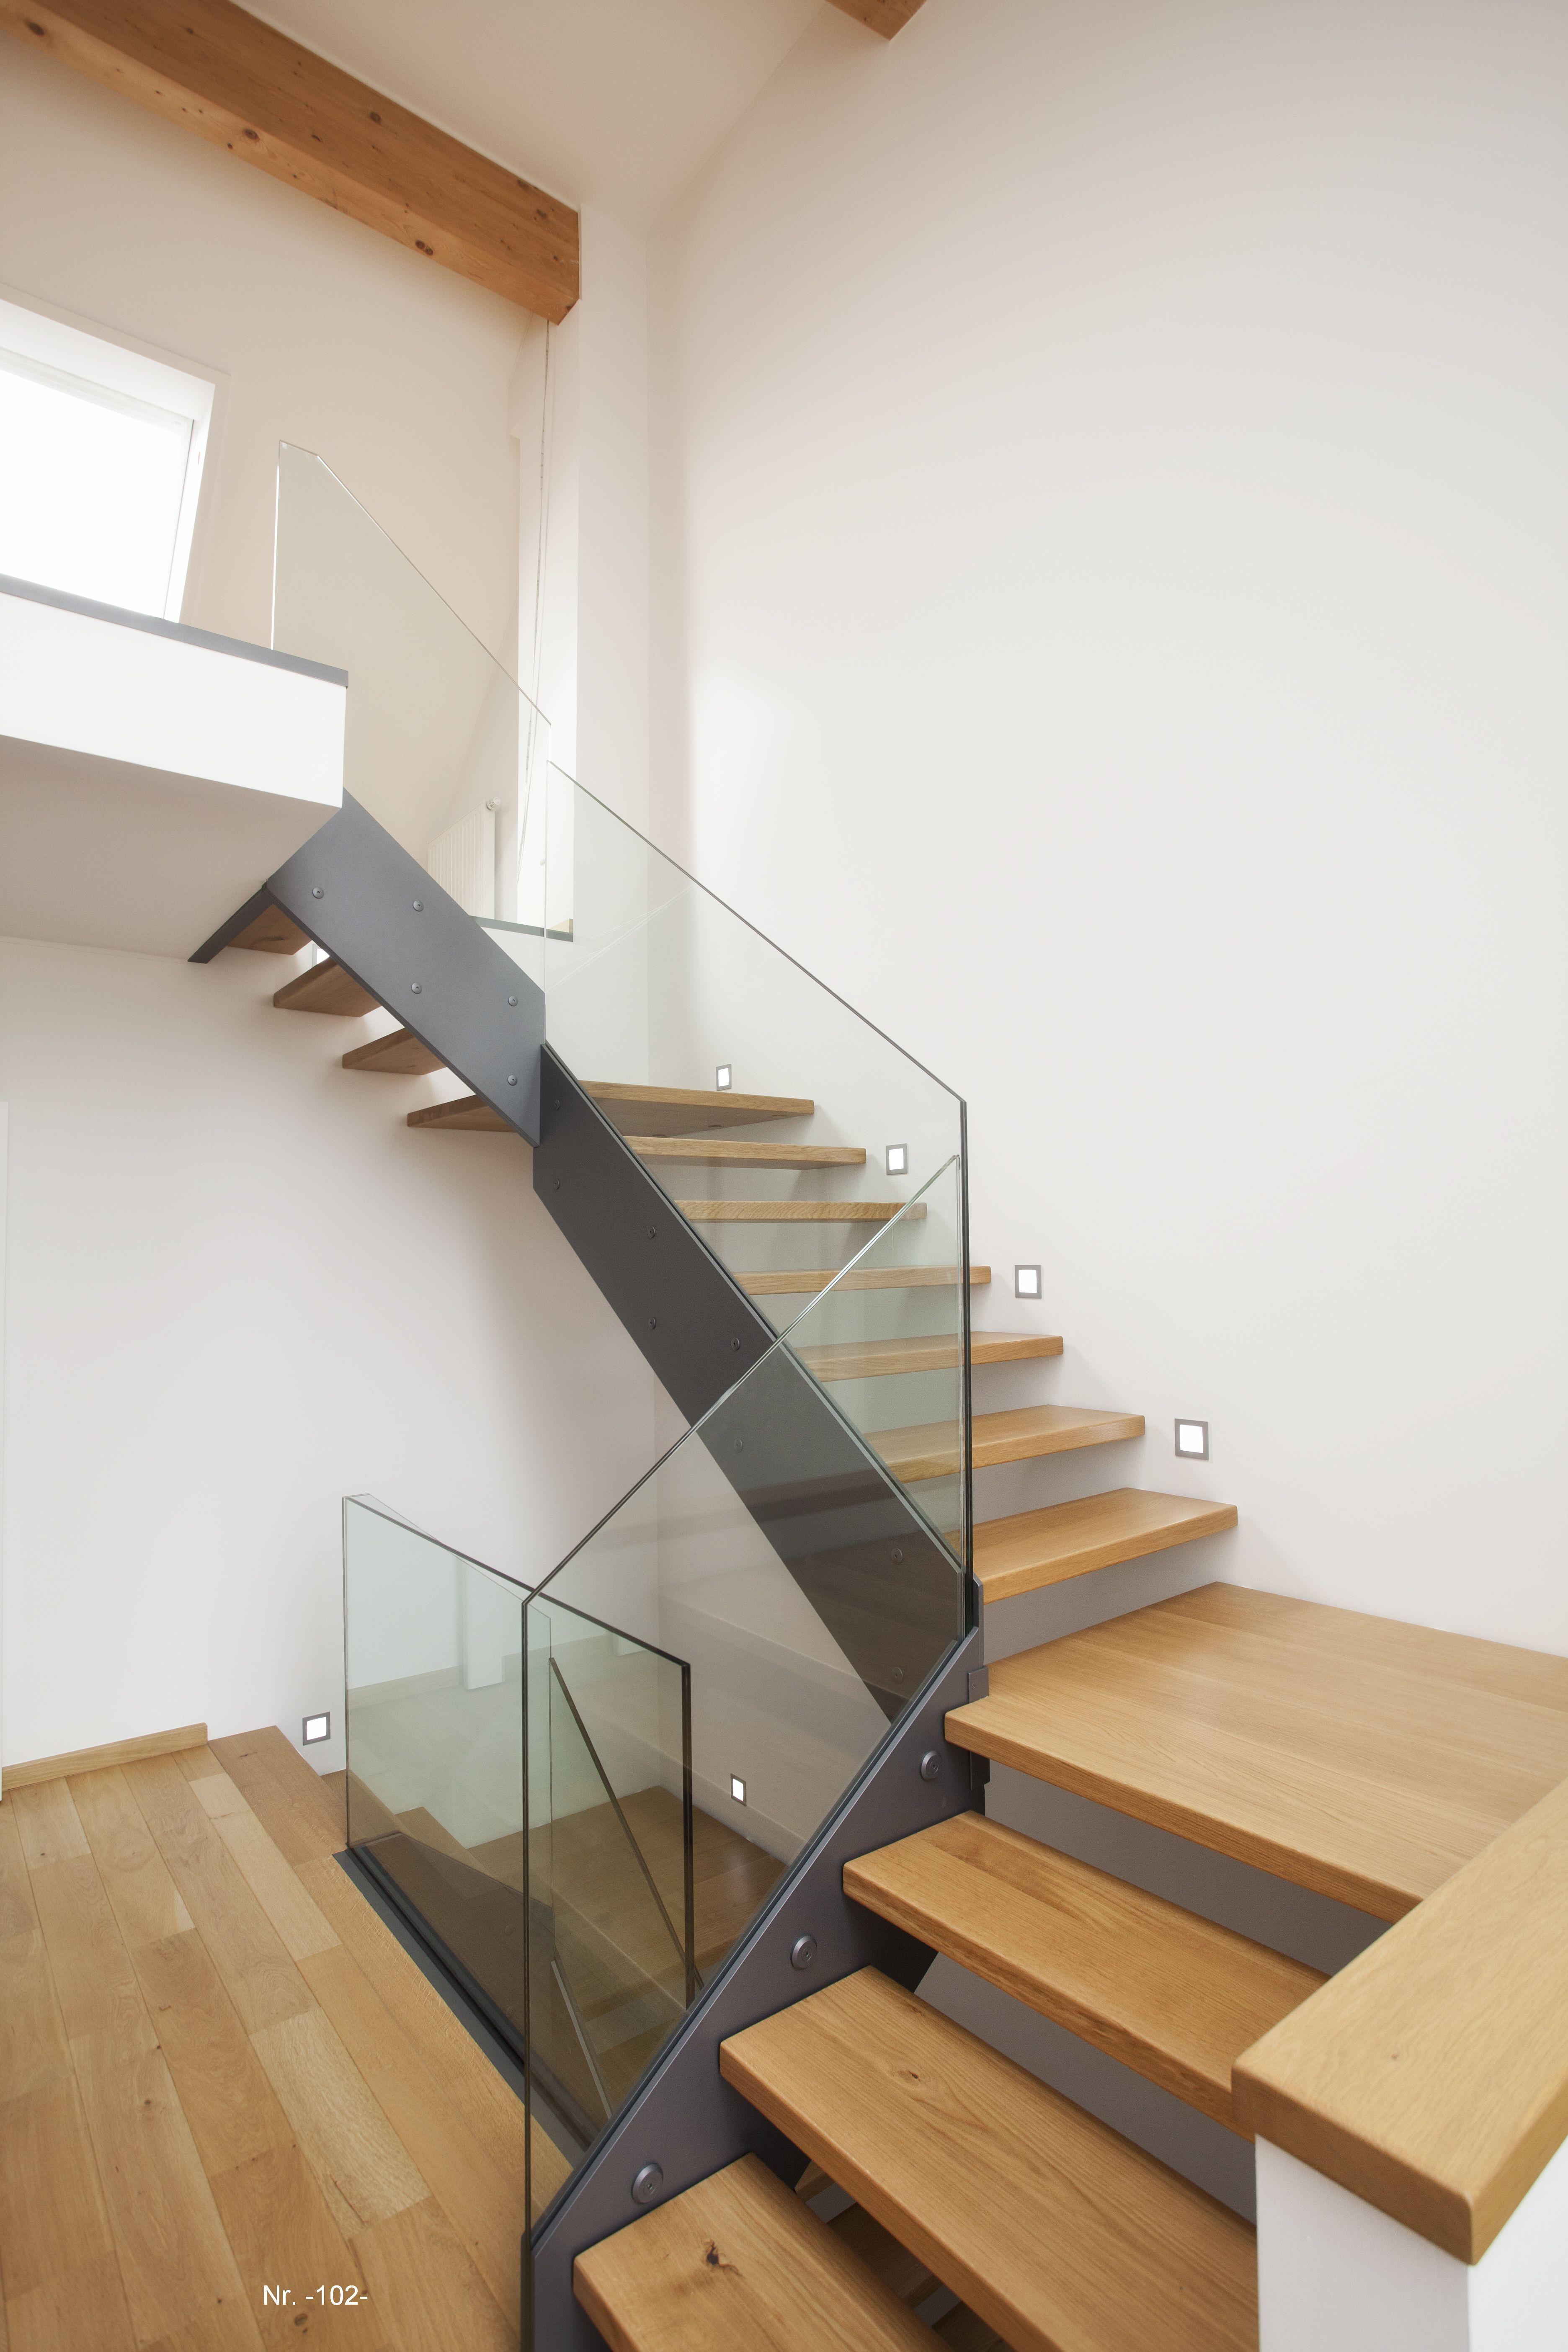 Moderne Holztreppe moderne holztreppe mit sichtwange ähnlich edelstahl und geländer aus